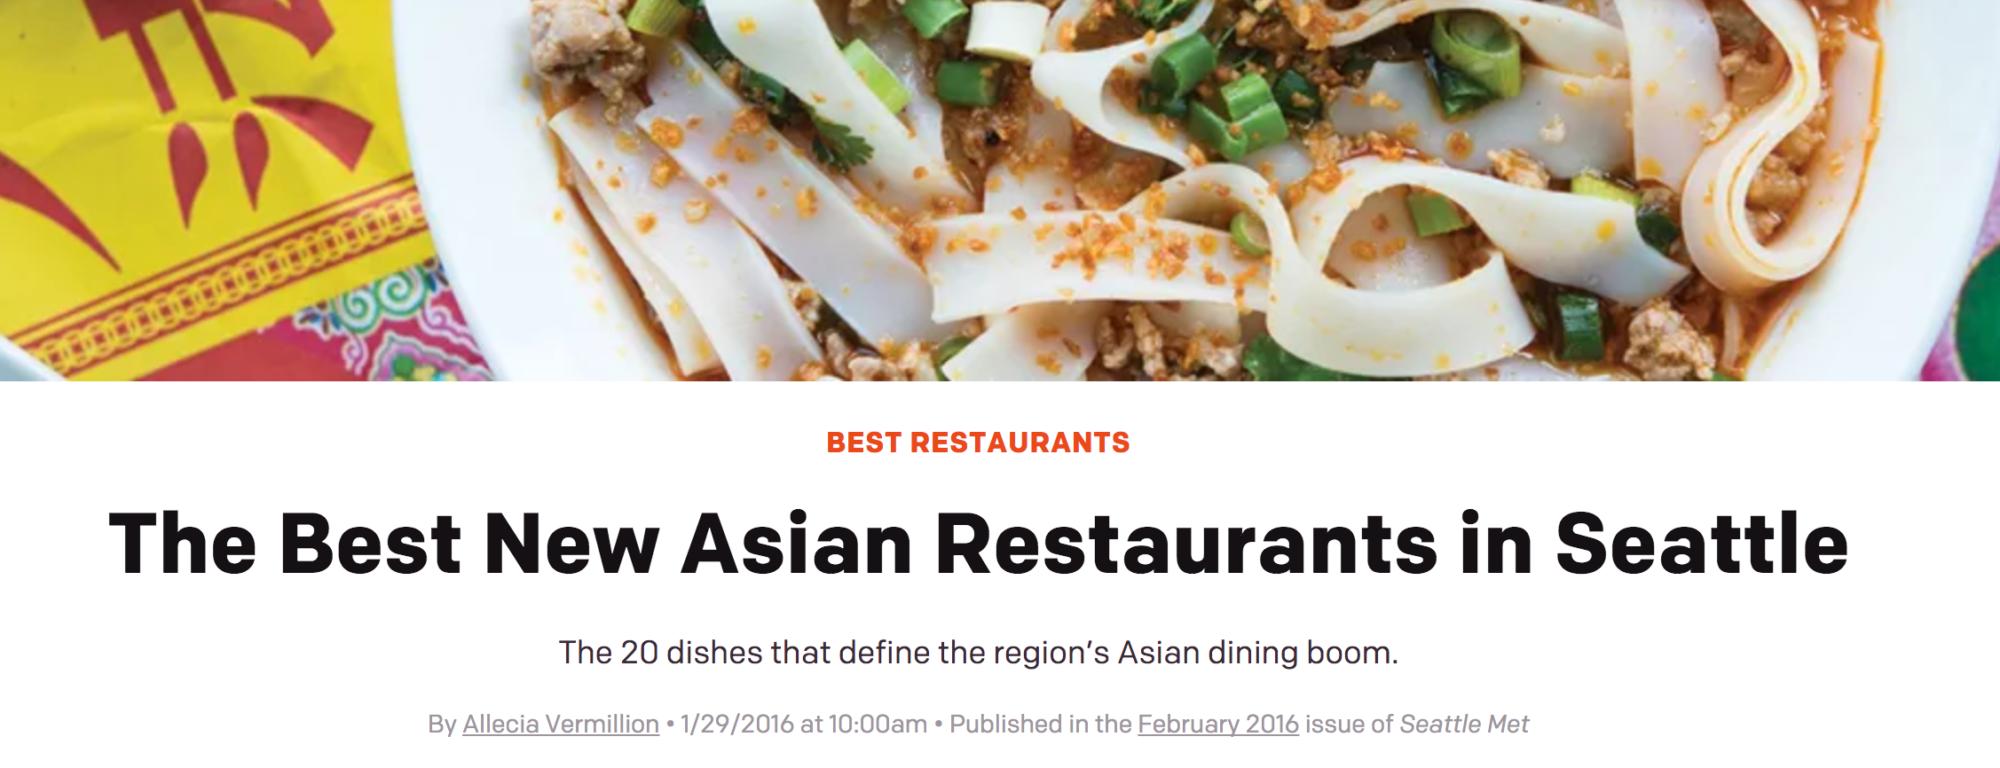 Best Asian Restaurants